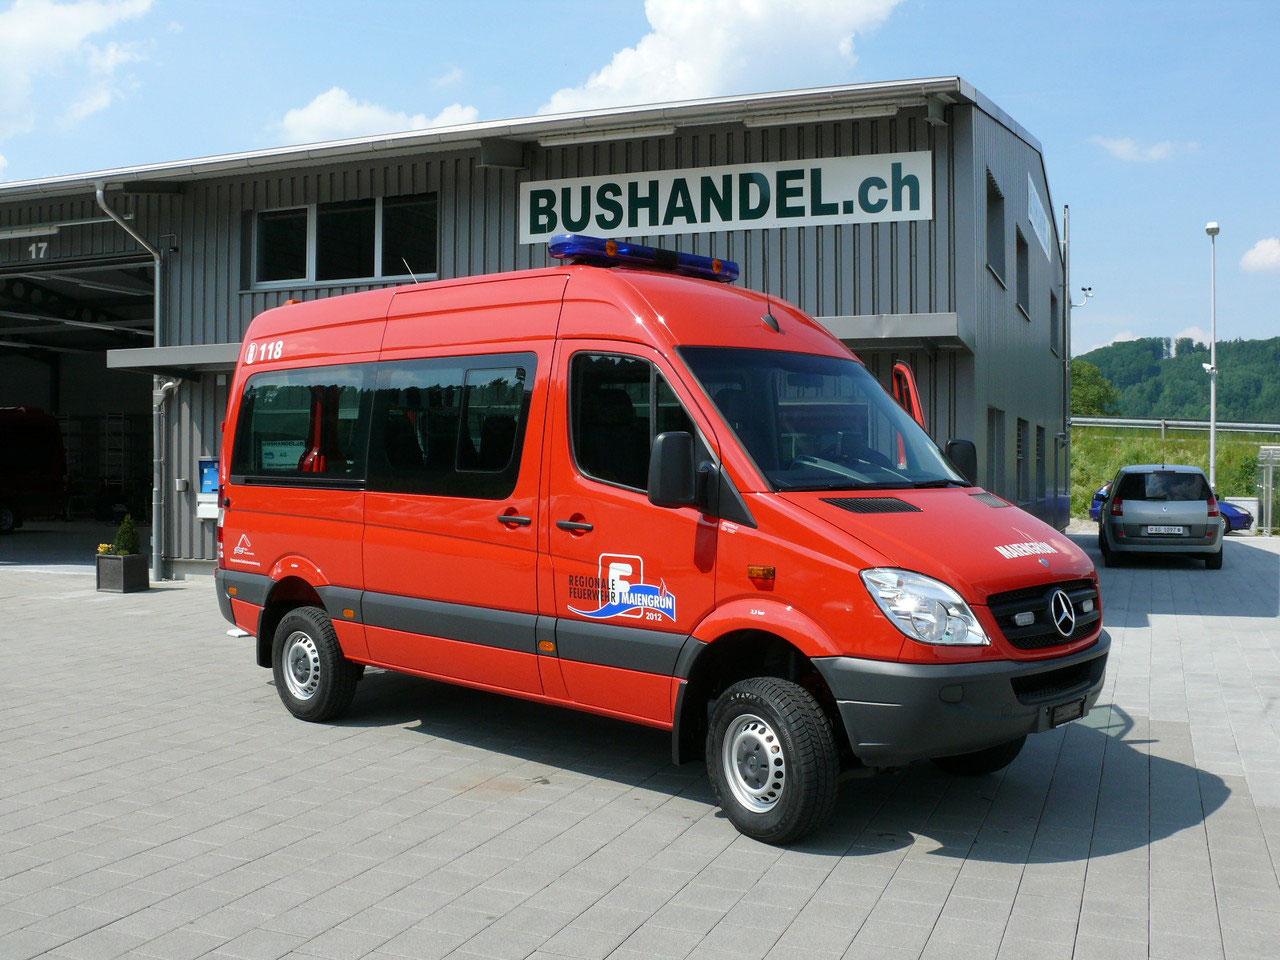 feuerwehrfahrzeug bus mieten bus kaufen bei bushandel. Black Bedroom Furniture Sets. Home Design Ideas